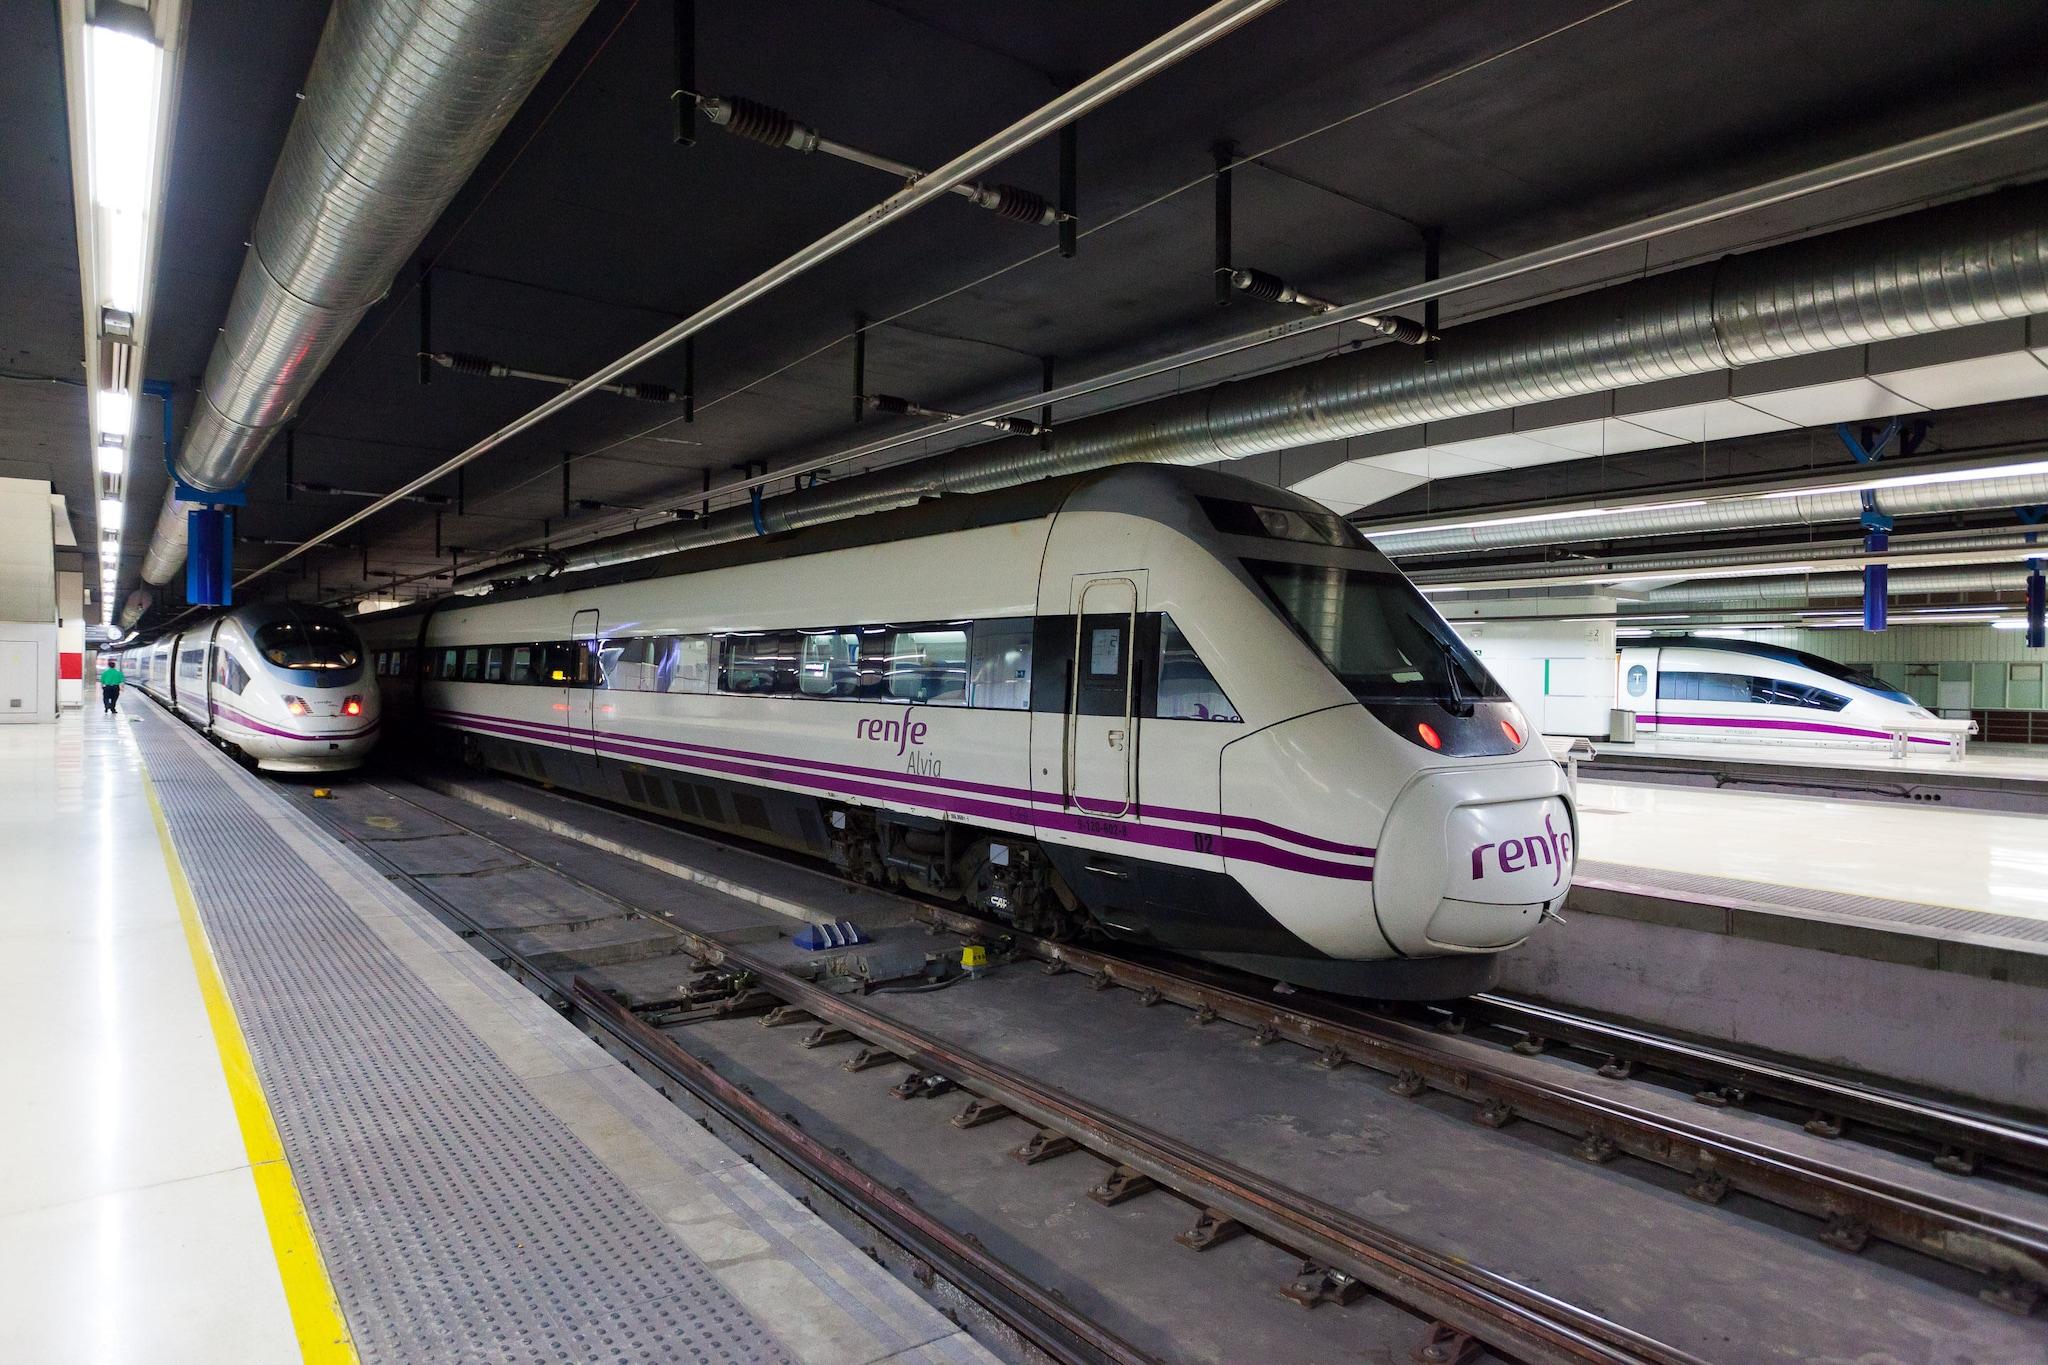 Trains In Spain Map.Trains In Spain Interrail Eu